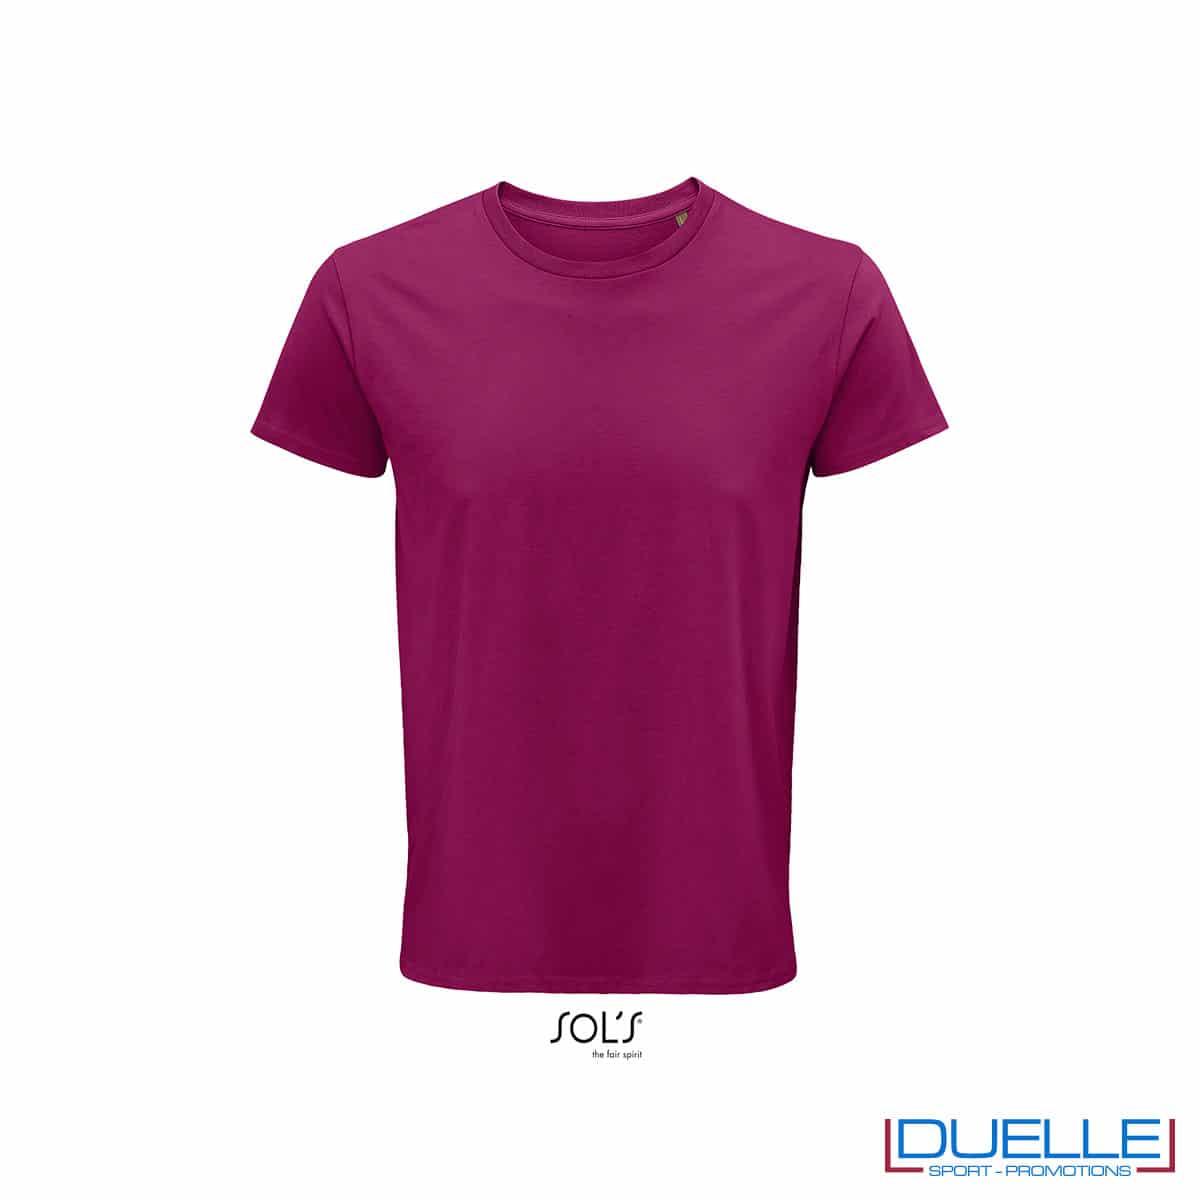 Maglietta ecosostenibile cotone biologico personalizzata colore fucsia